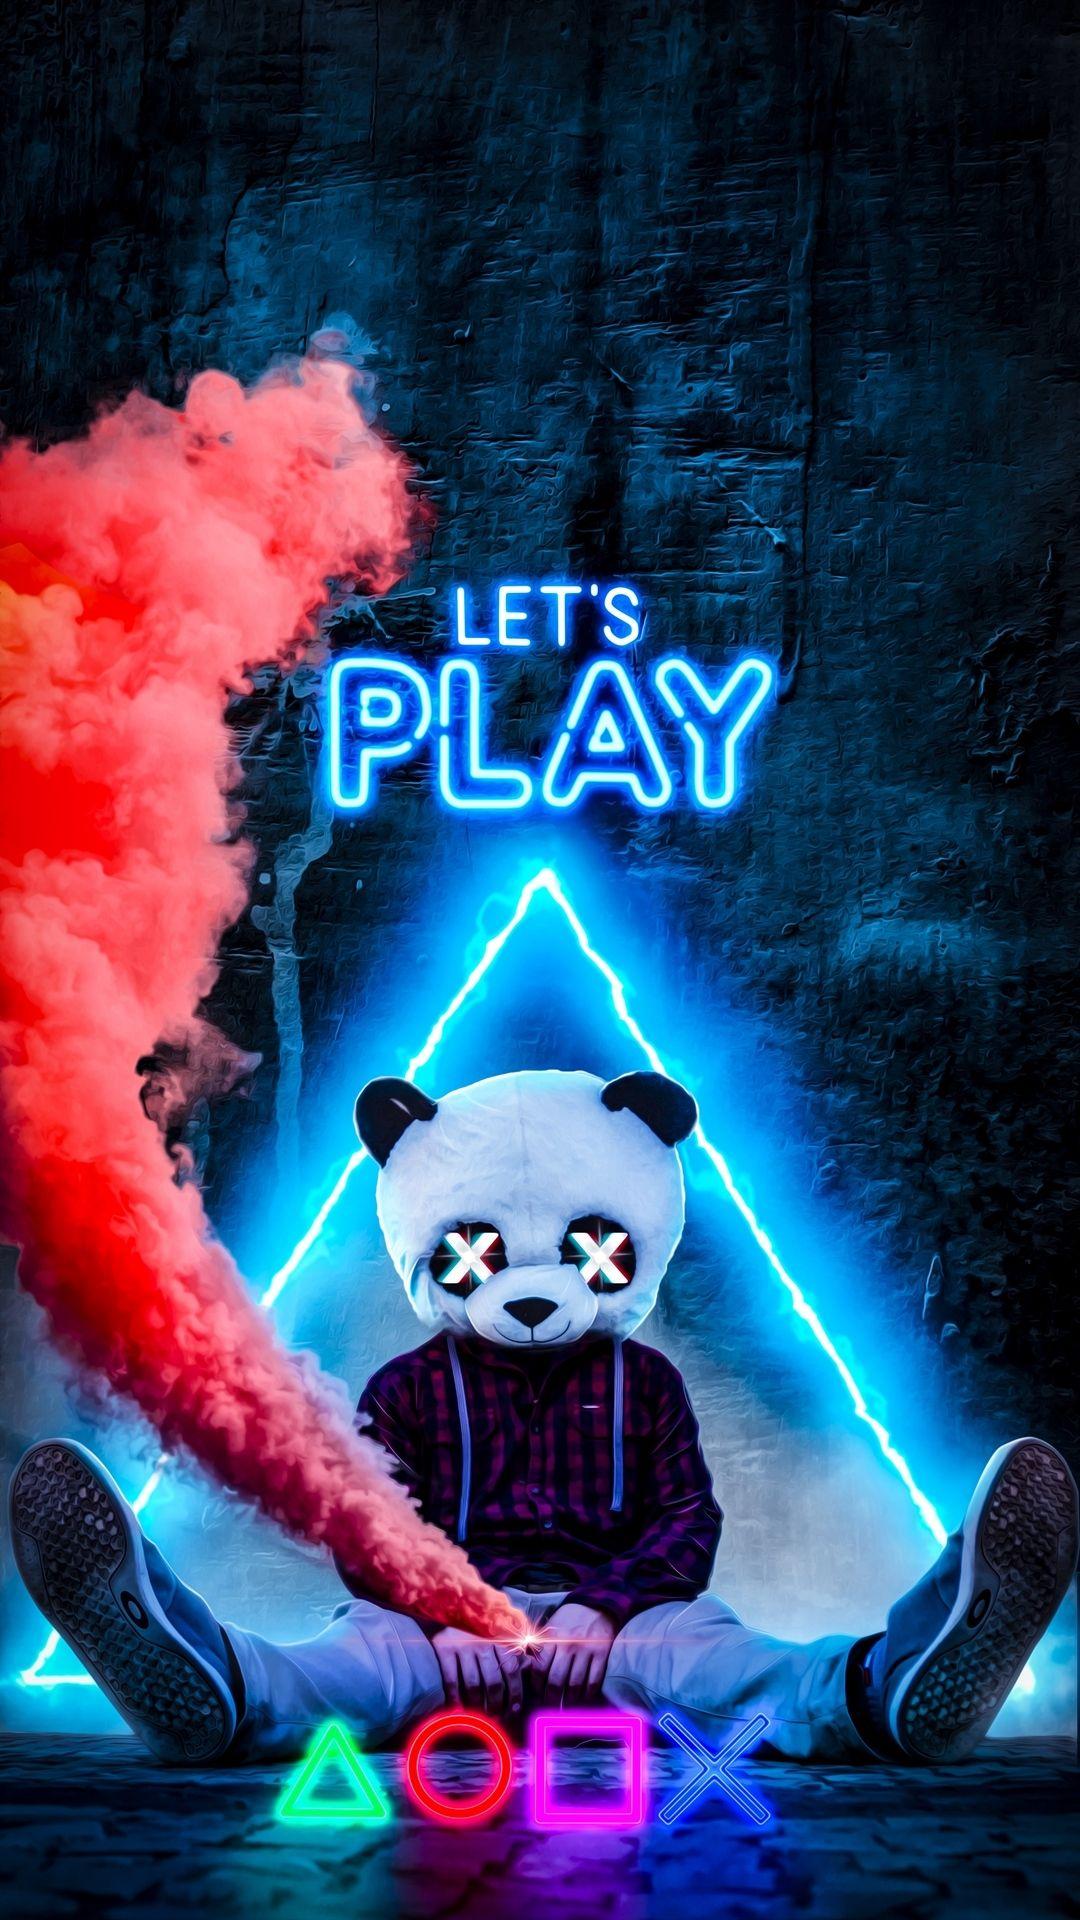 Fondo para celular Lets Play